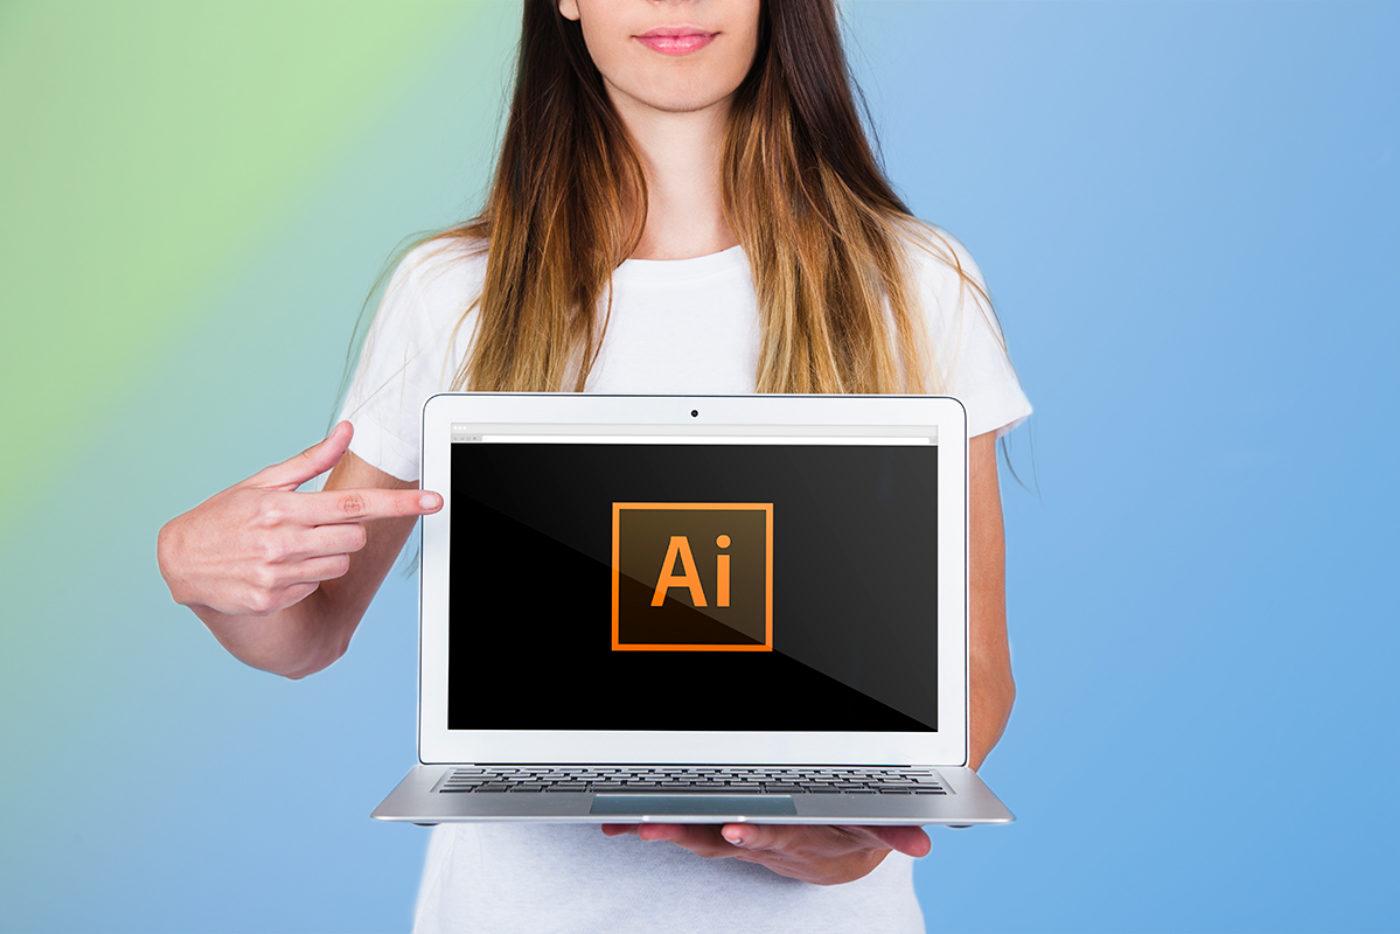 Вебінари: Малюємо базовий набір іконок в Adobe Illustrator